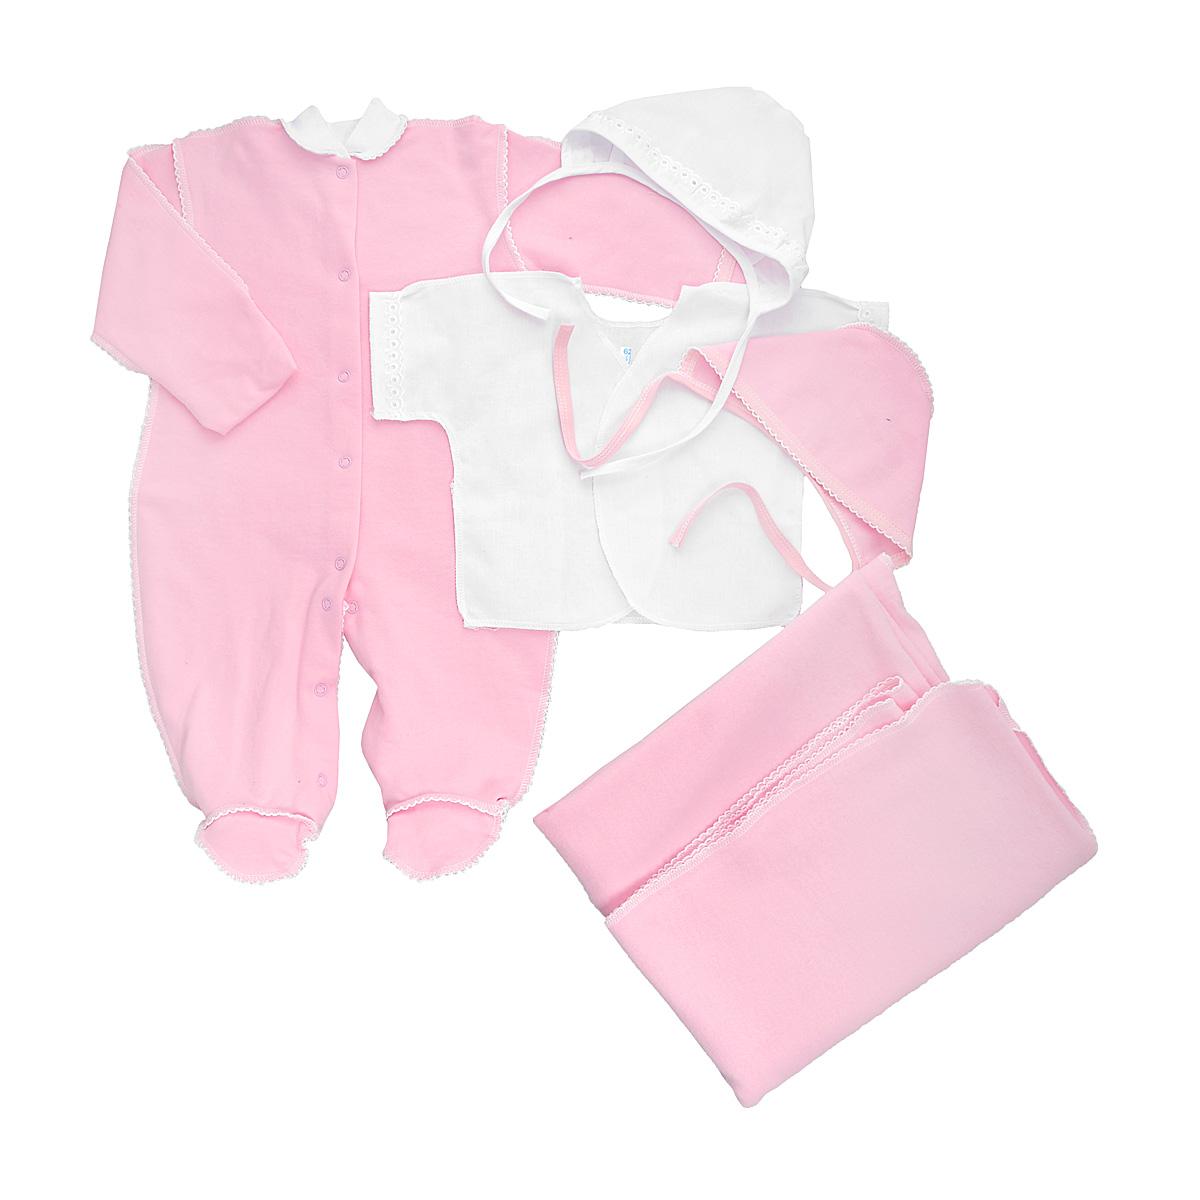 Комплект для новорожденного Трон-Плюс, 5 предметов, цвет: белый, розовый. 3474. Размер 62, 3 месяца